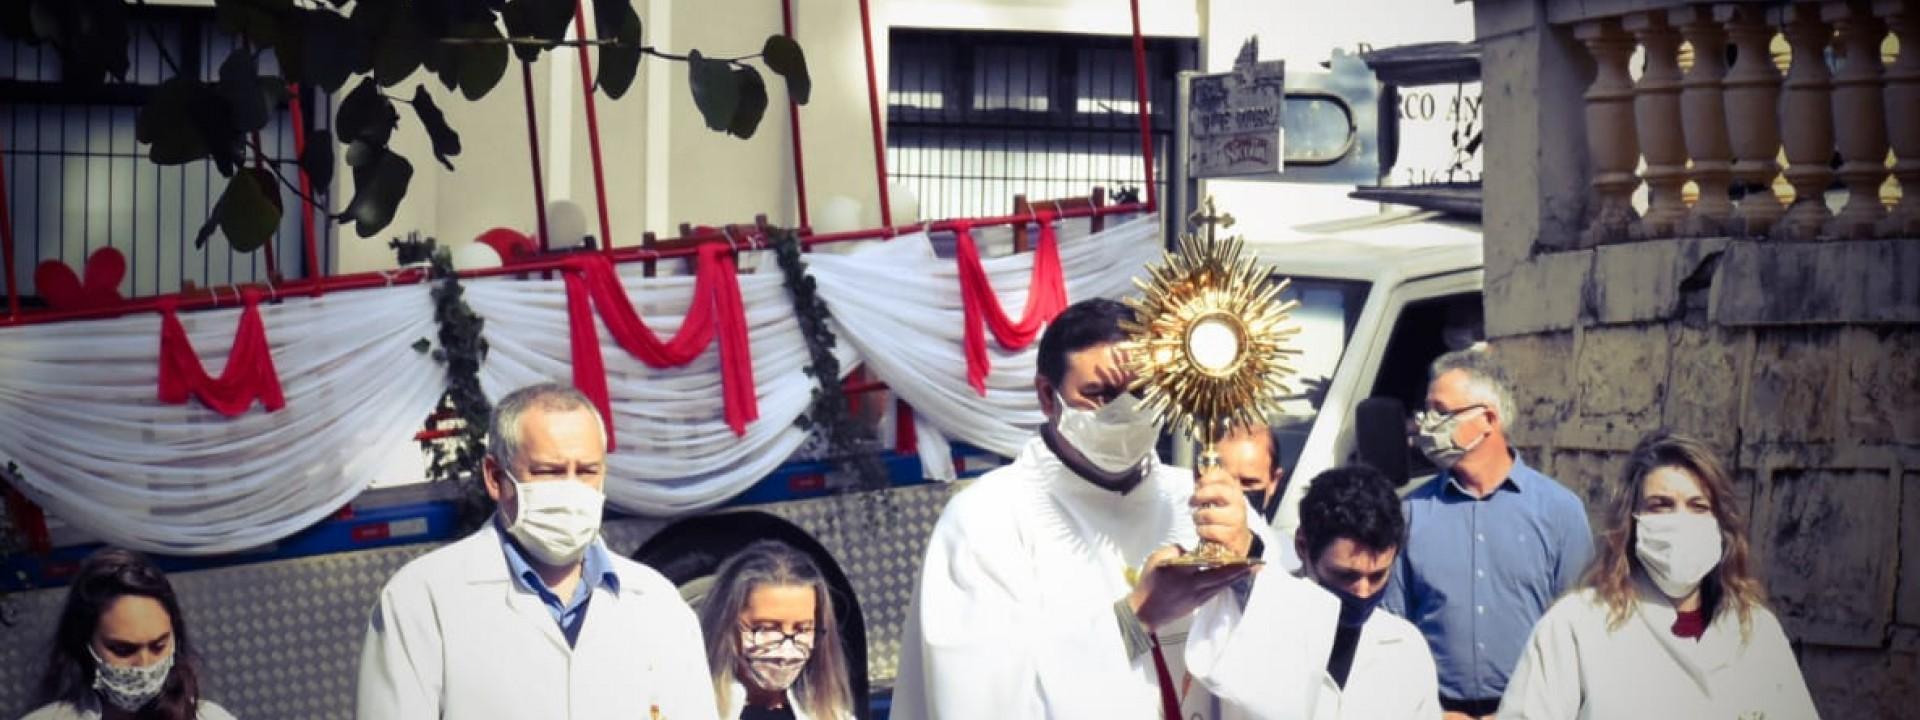 santissimo-sacramento-vai-ao-encontro-do-povo-no-dia-de-corpus-christi_10_3549.jpg